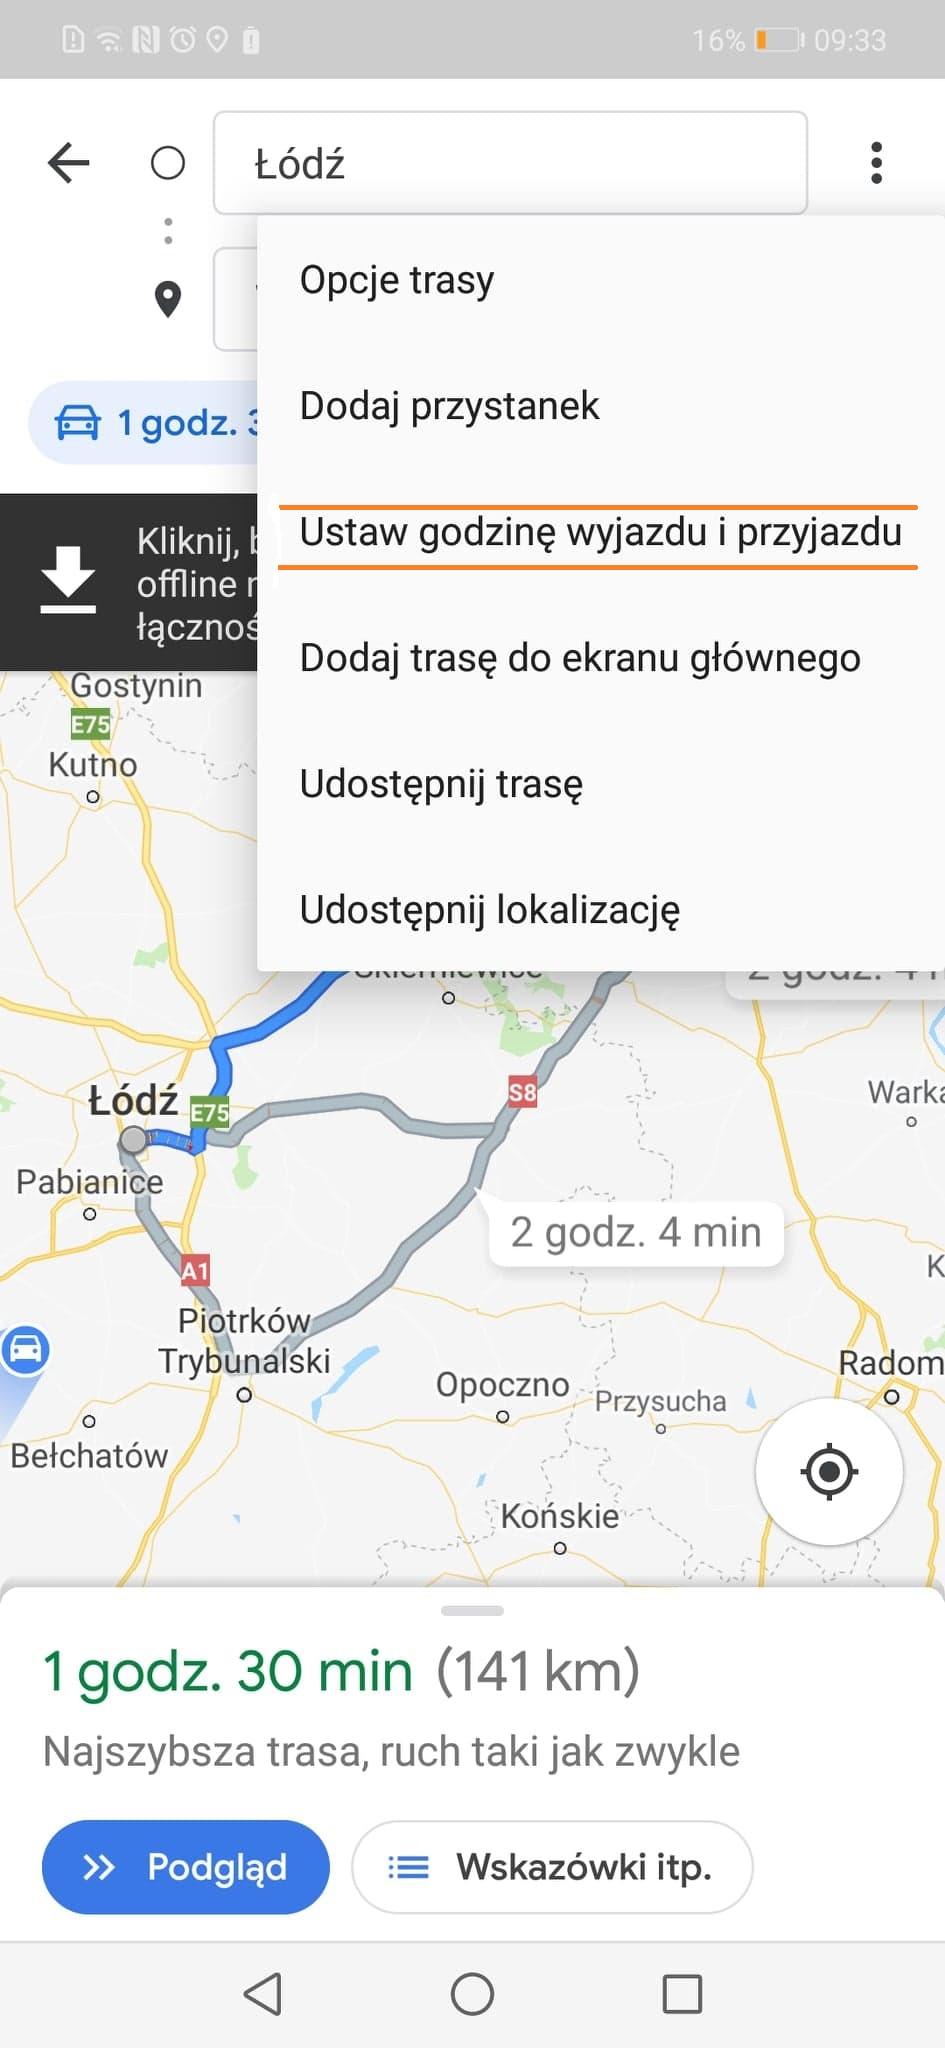 Mapa google - wyznaczanie trasy